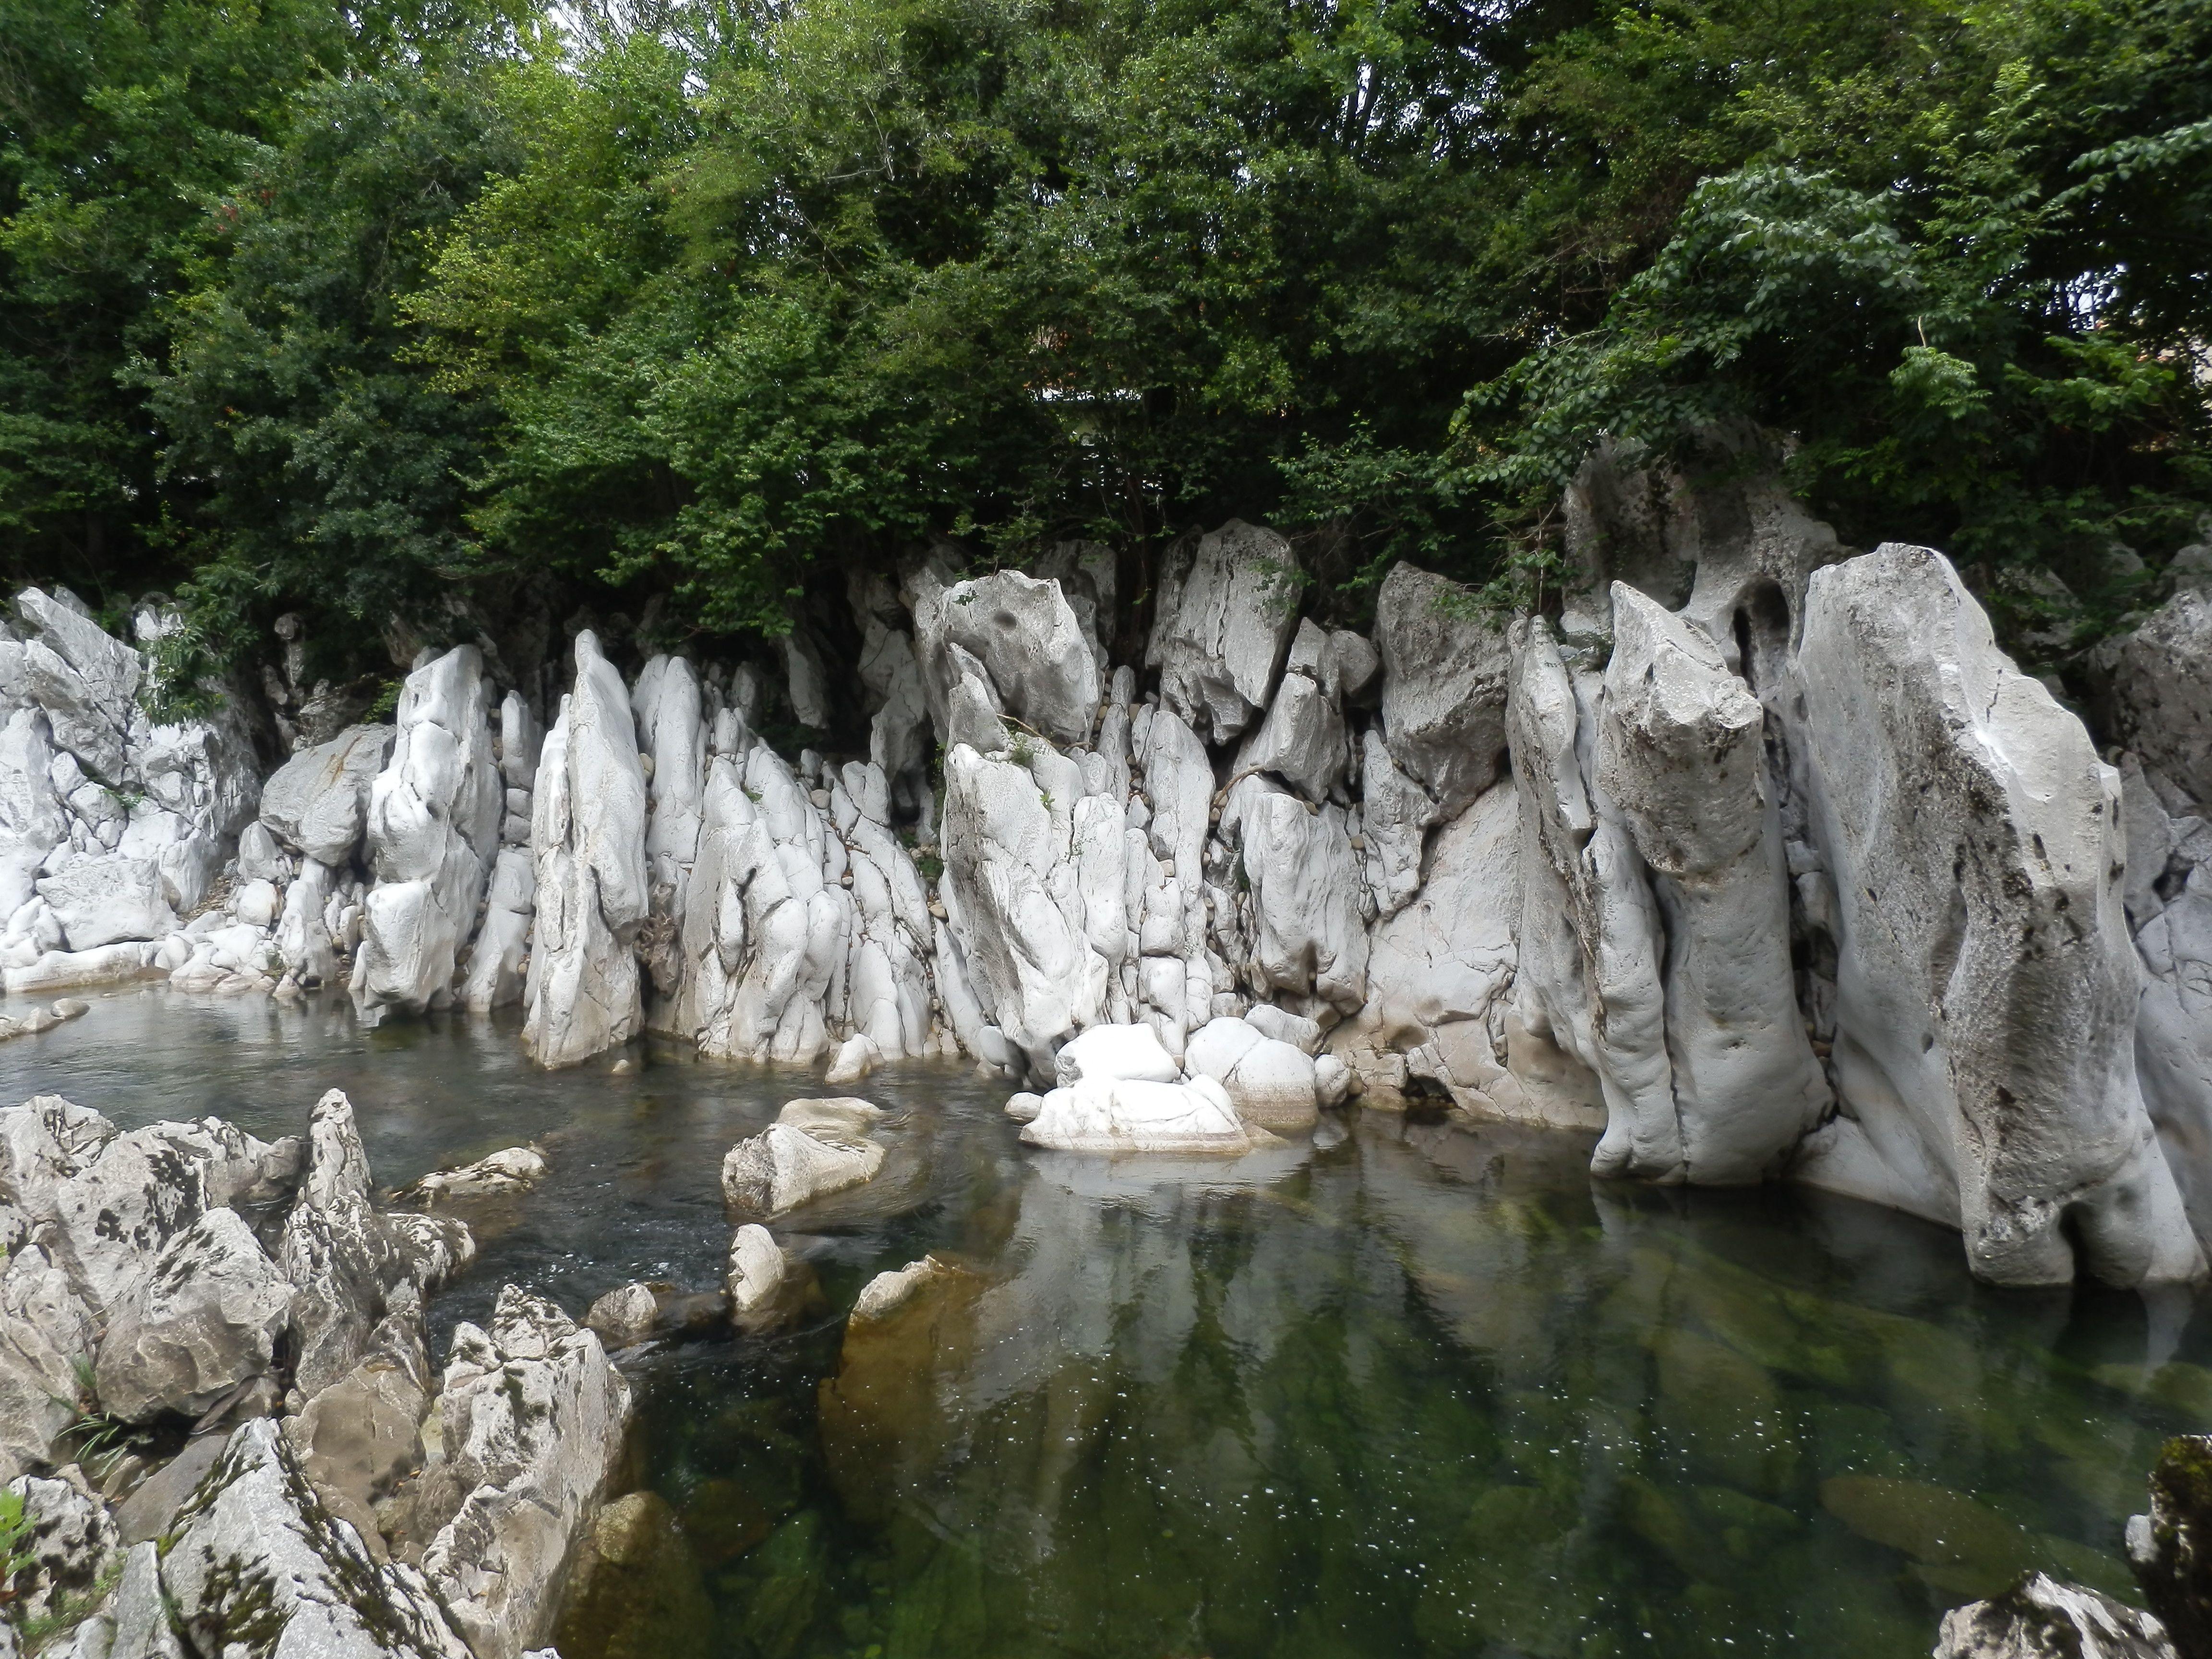 Una enorme pared de roca blanca desgastada por el paso del agua del río